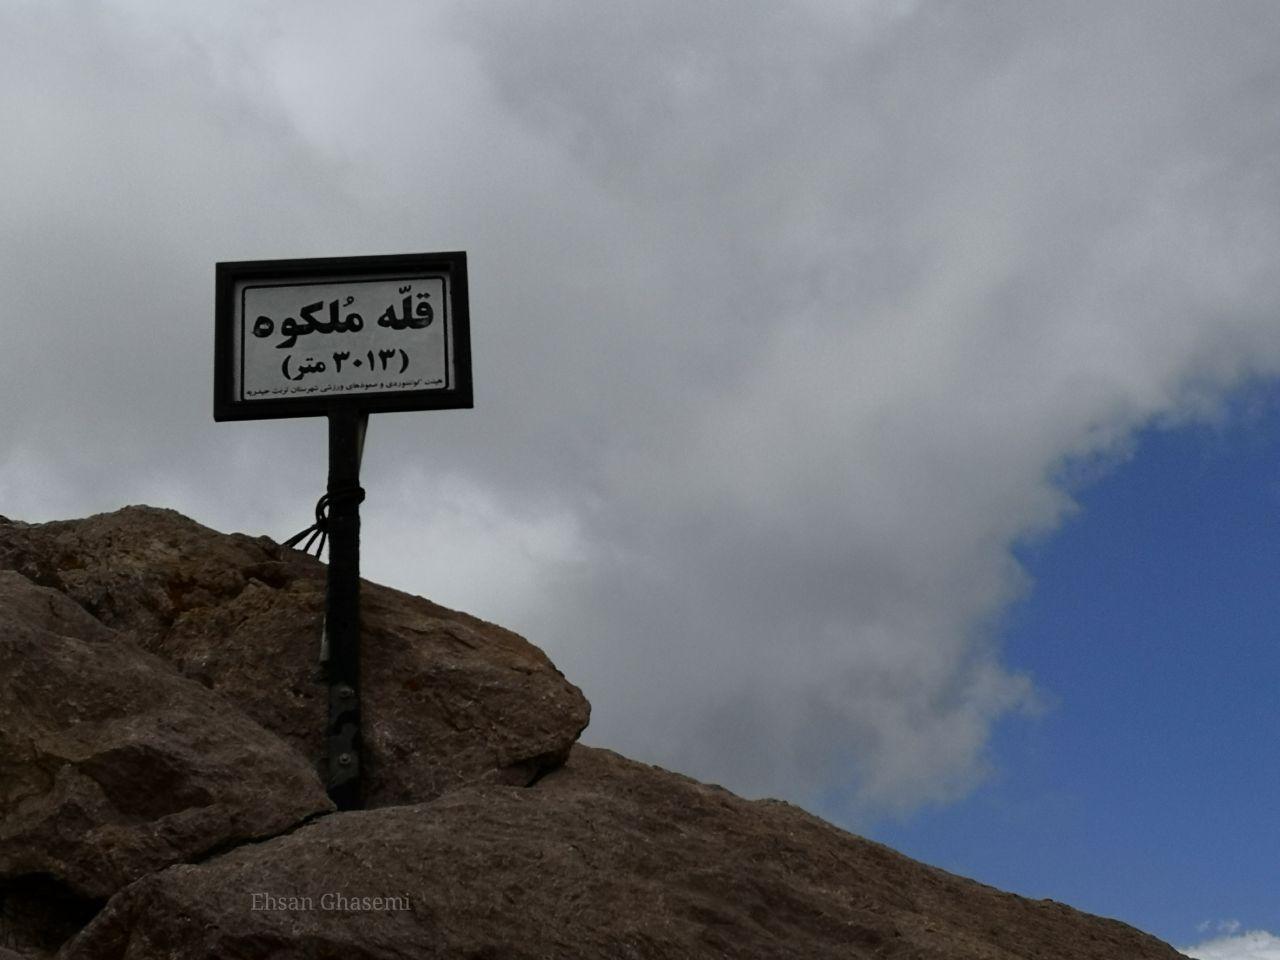 """۷۲ ساعت بعد از حادثه سقوط در قله """"ملکوه"""" تربت حیدریه؛دختر کوهنورد همچنان در کماست"""